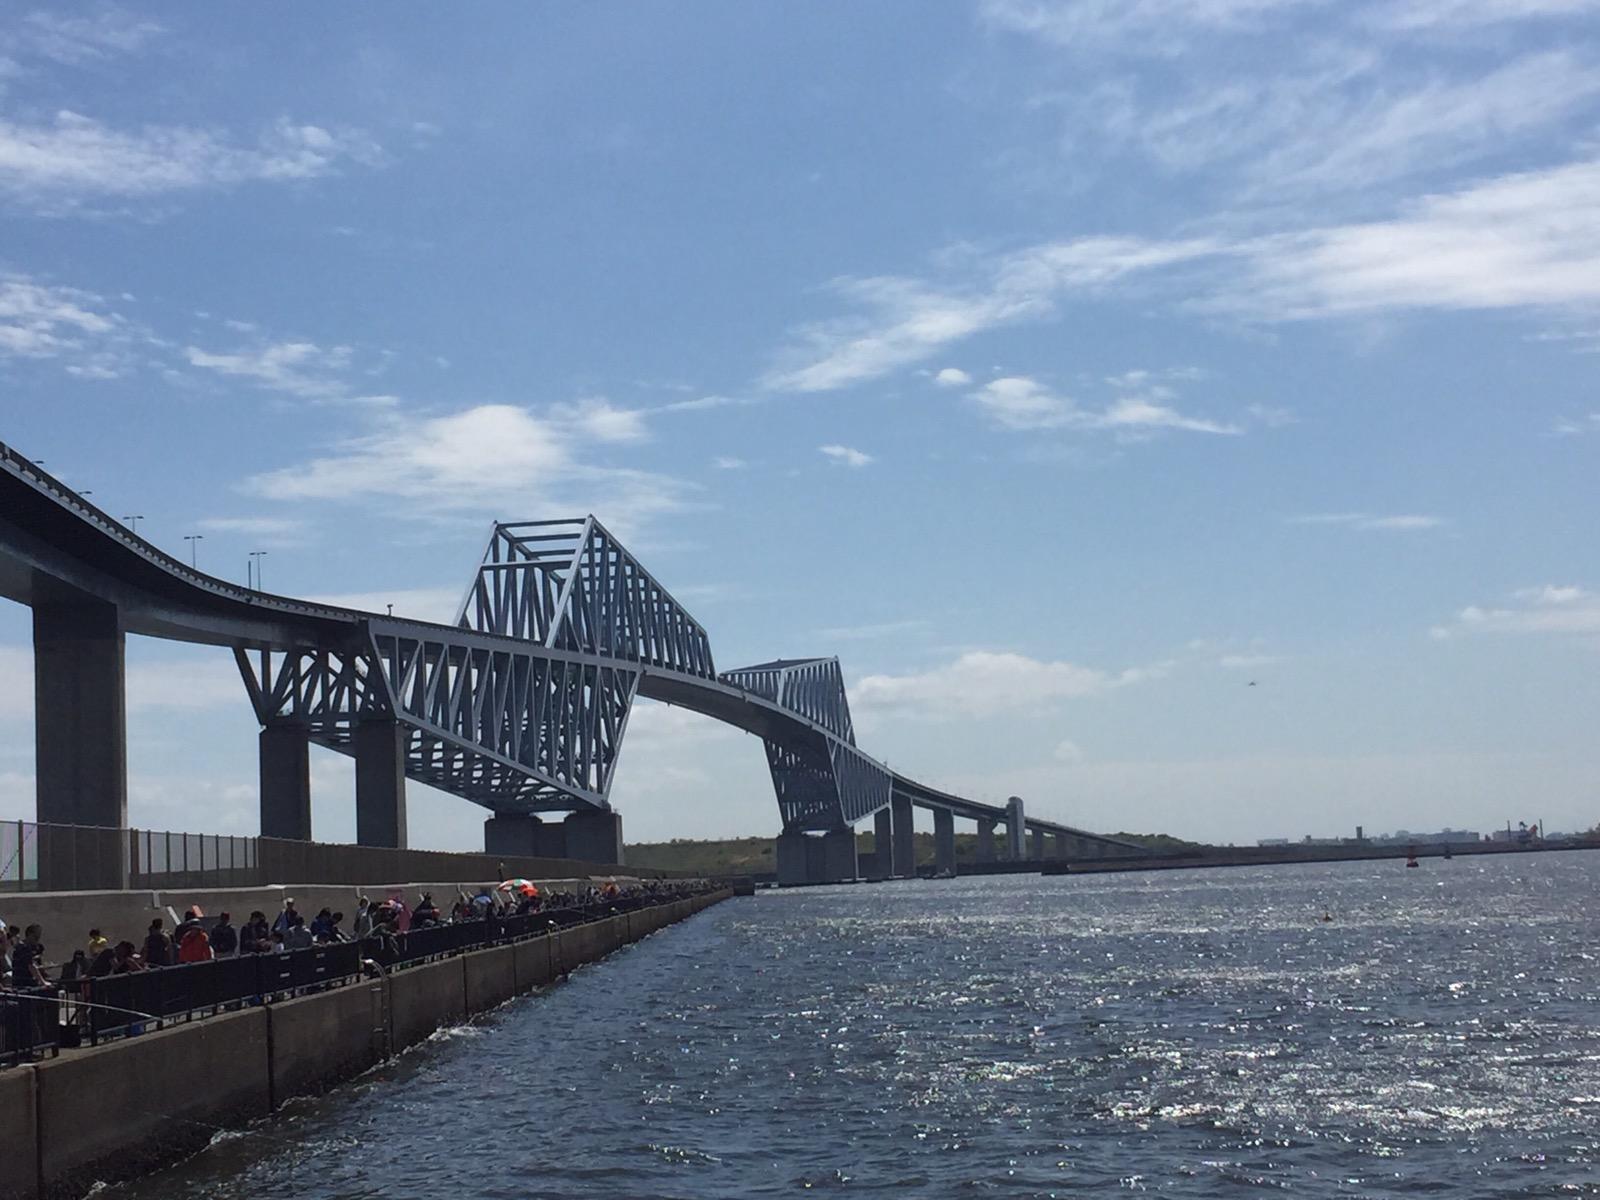 恐竜橋に巨大風車、魔法の国!? 景色を楽しむ全長6kmの潮風サイクリング「若洲海浜公園」